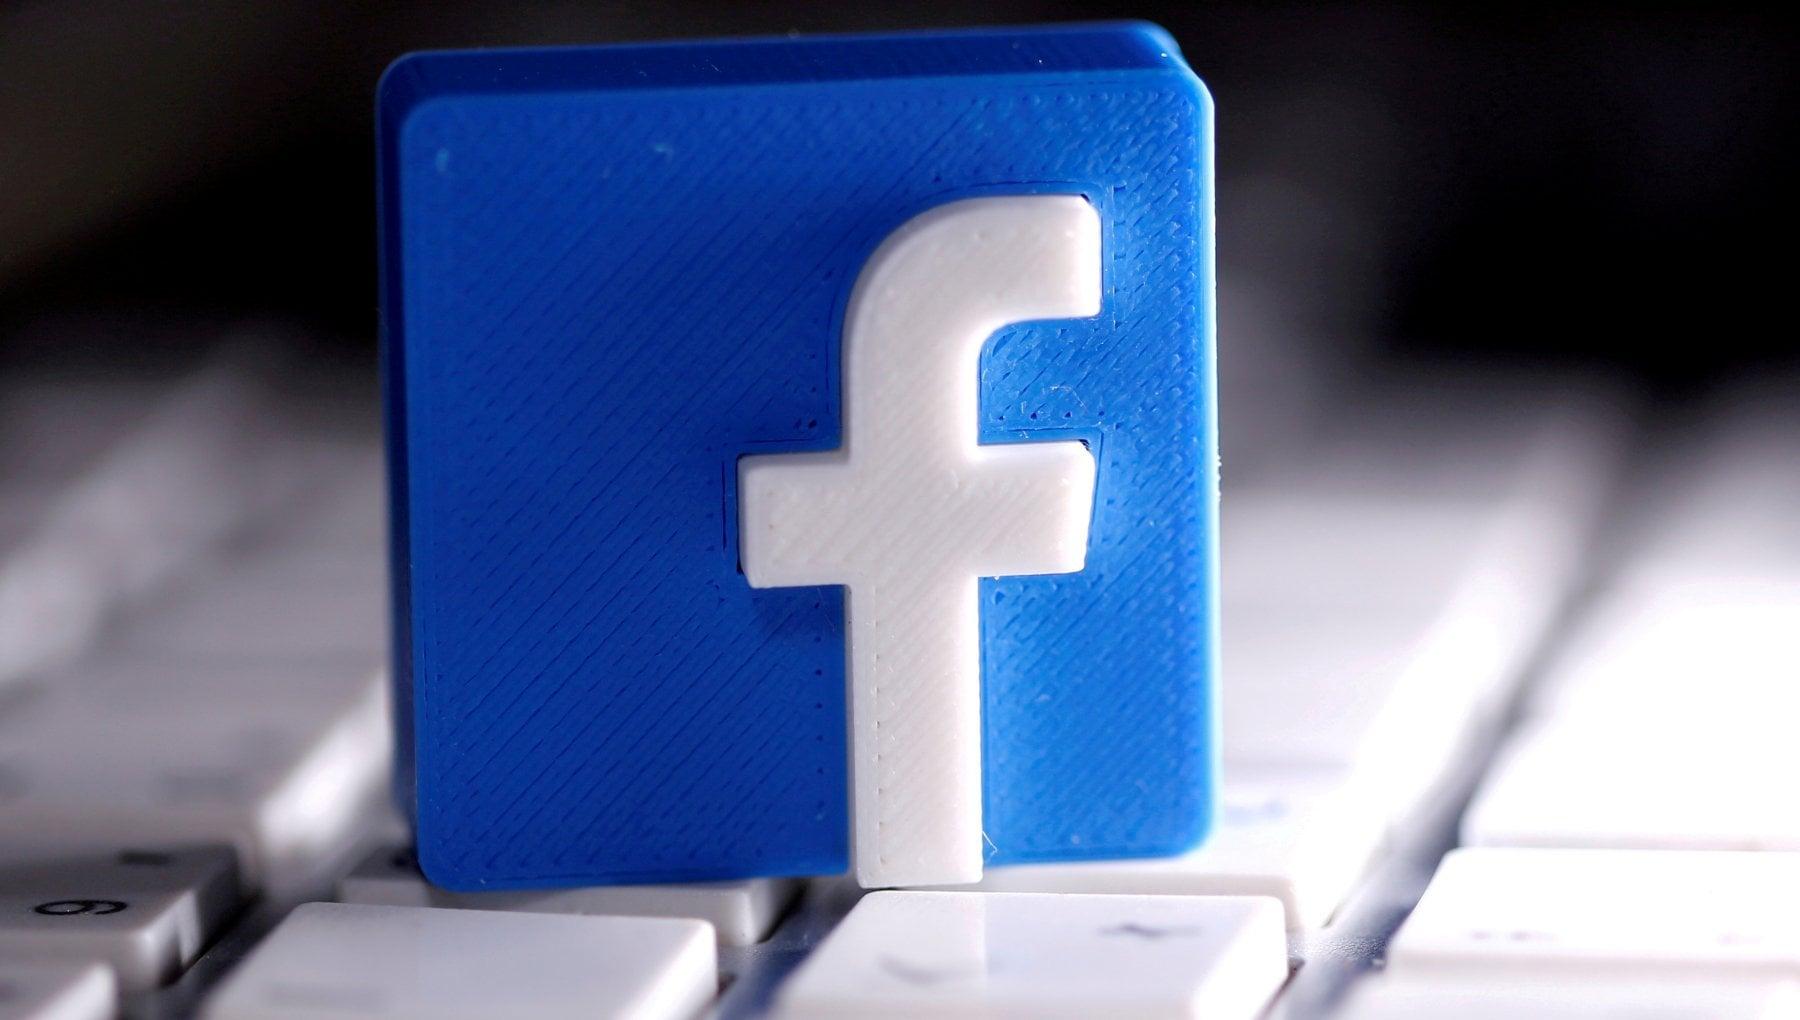 225848470 6a81570f 7325 48bb 8068 70a6ad3c4d78 - Facebook per 5,8 milioni di Vip una deroga ai protocolli di moderazione social